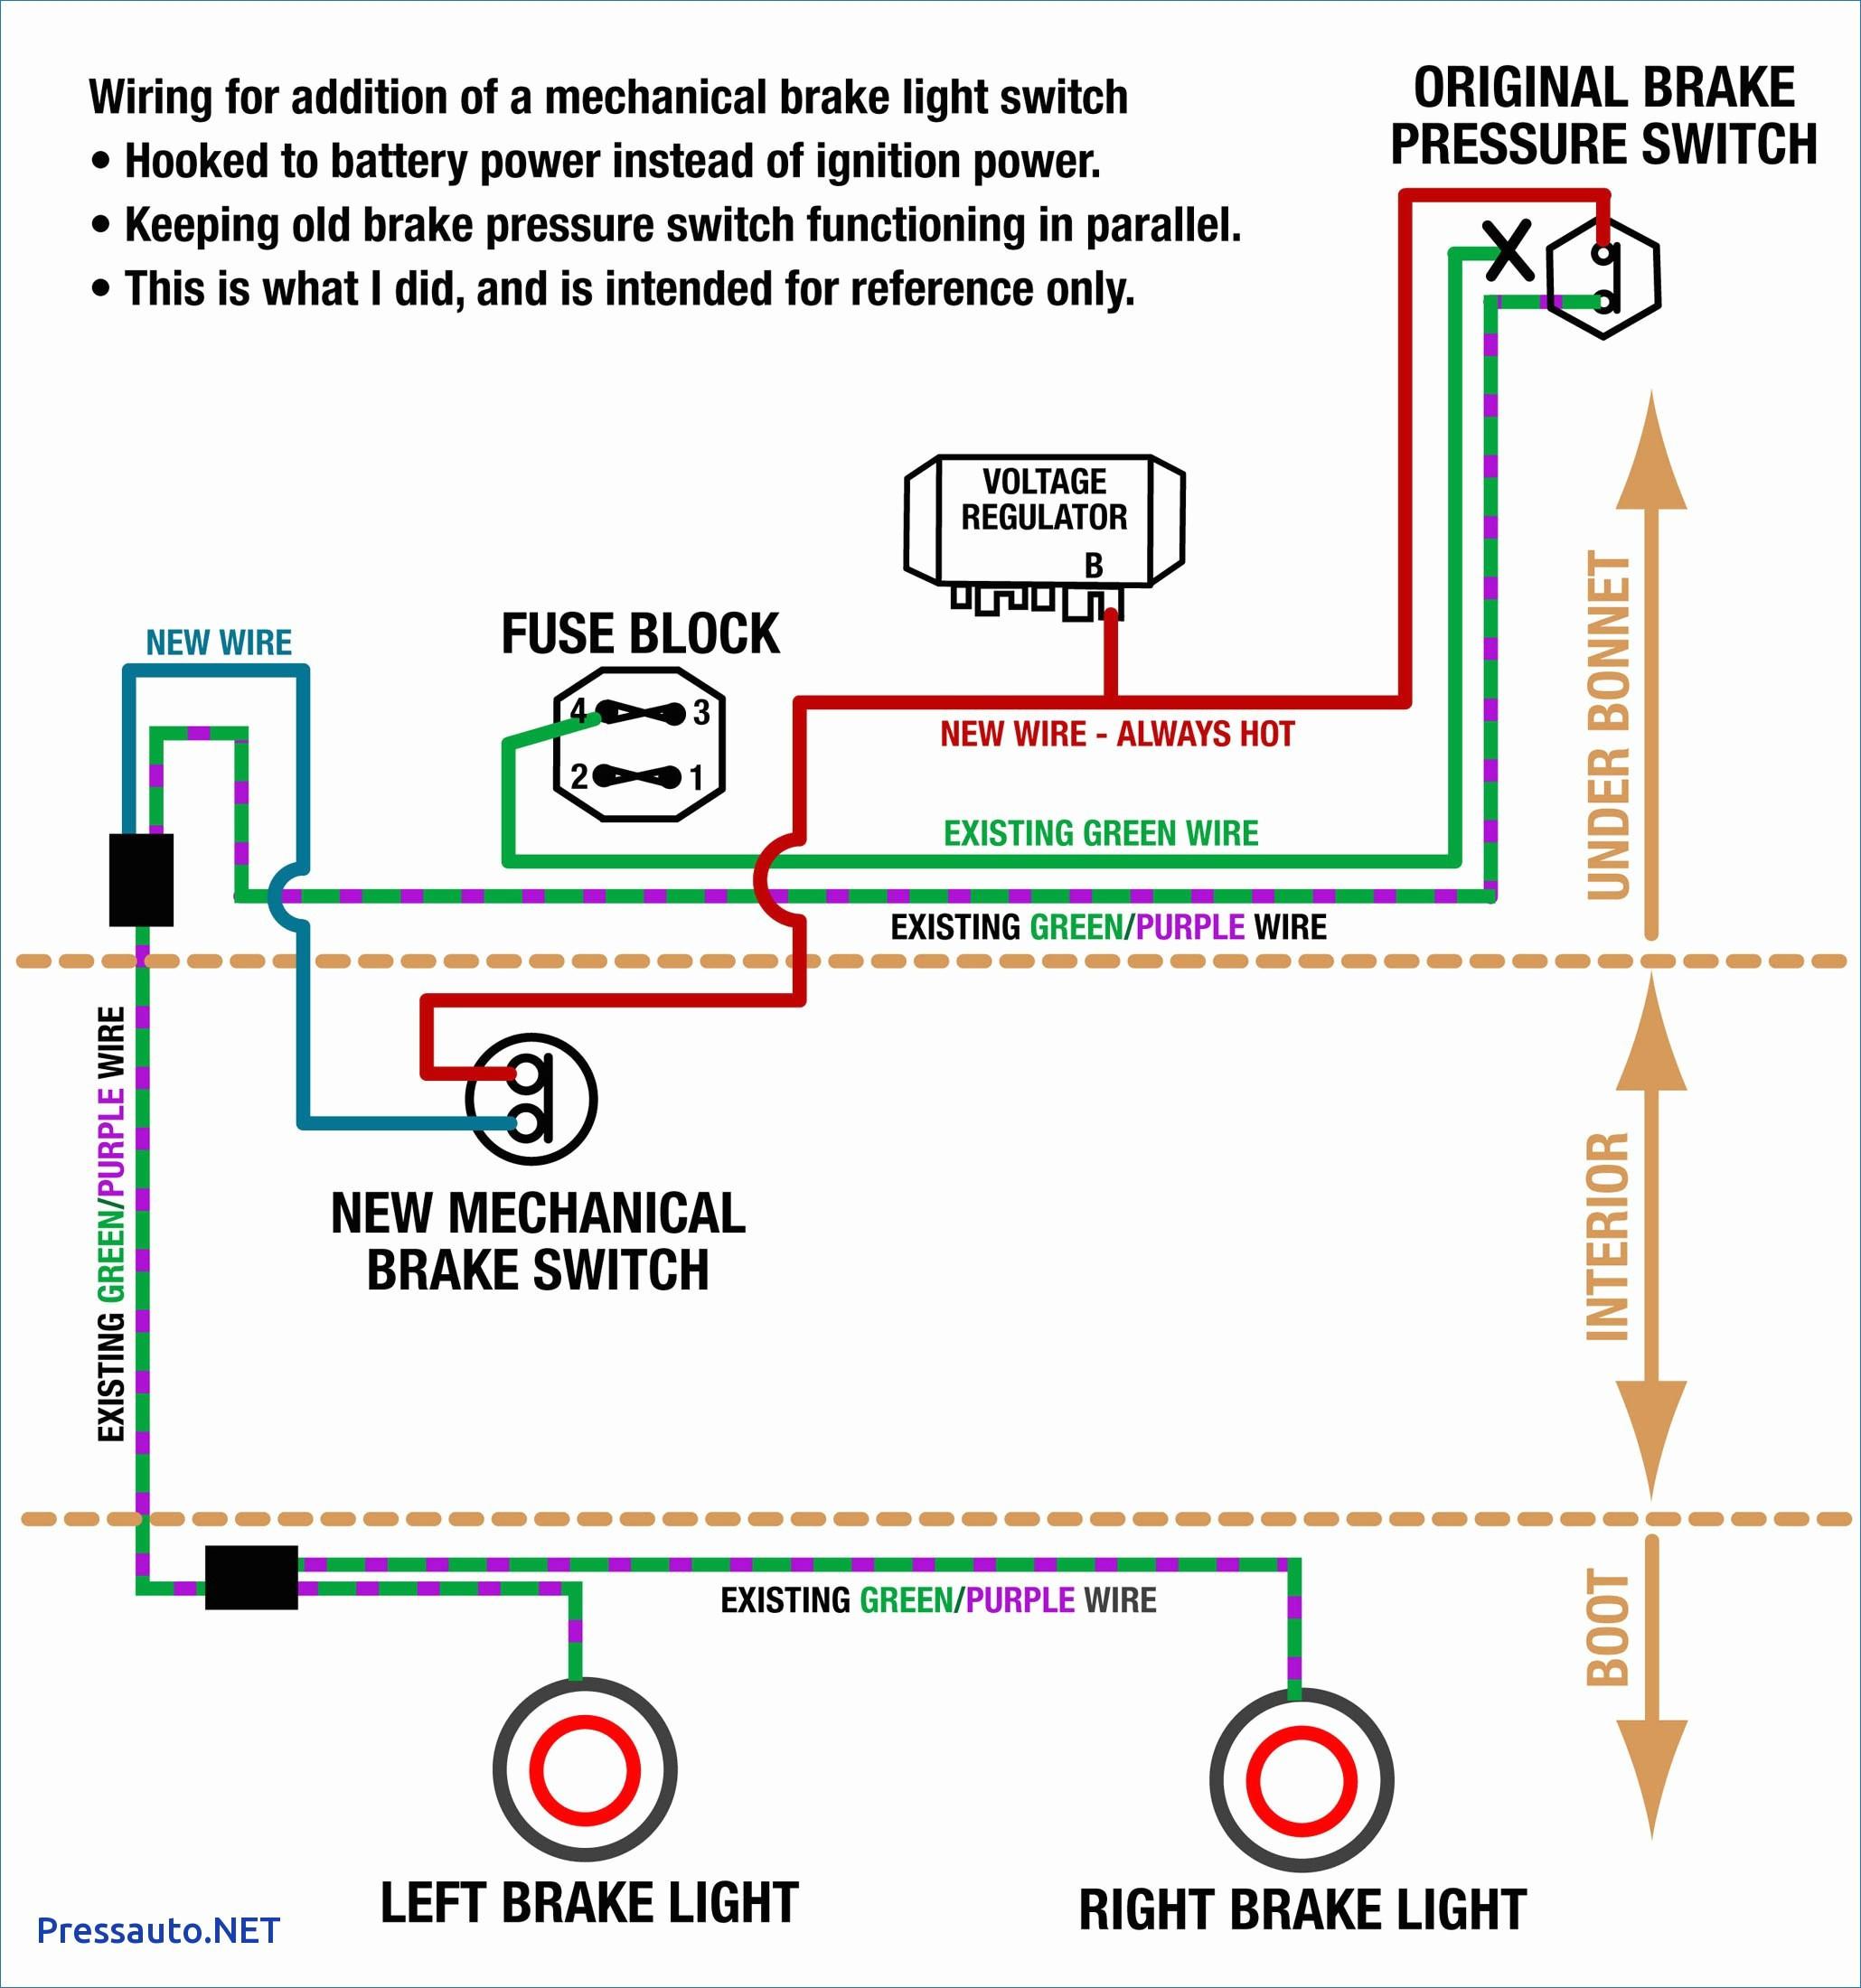 7 Wire Trailer Plug Diagram Unique Awesome Semi Wiring Ripping - 4 Way Trailer Plug Wiring Diagram